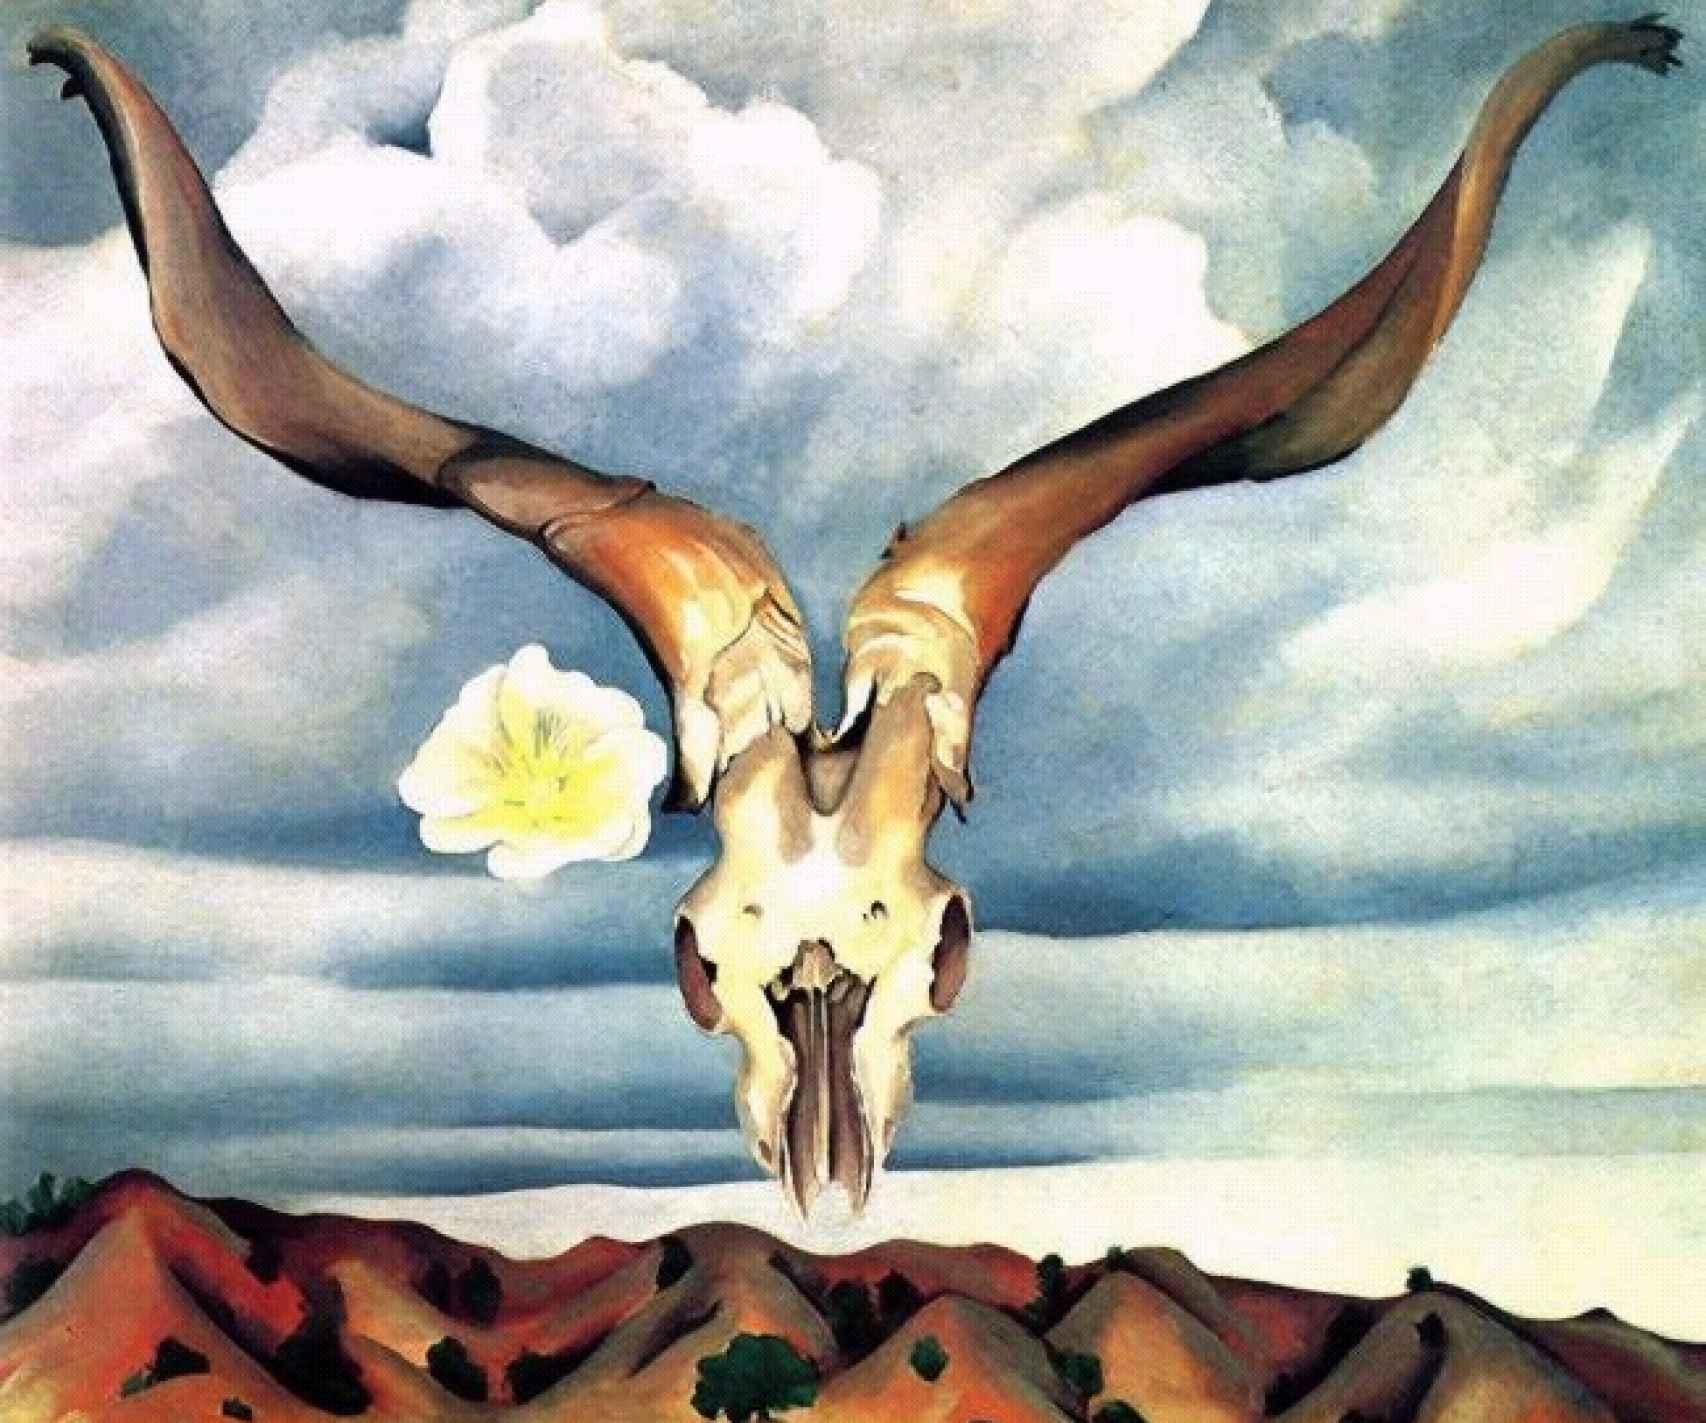 Uno de los trabajos de O'Keeffe en Nuevo México, donde pasó de las flores a los huesos.